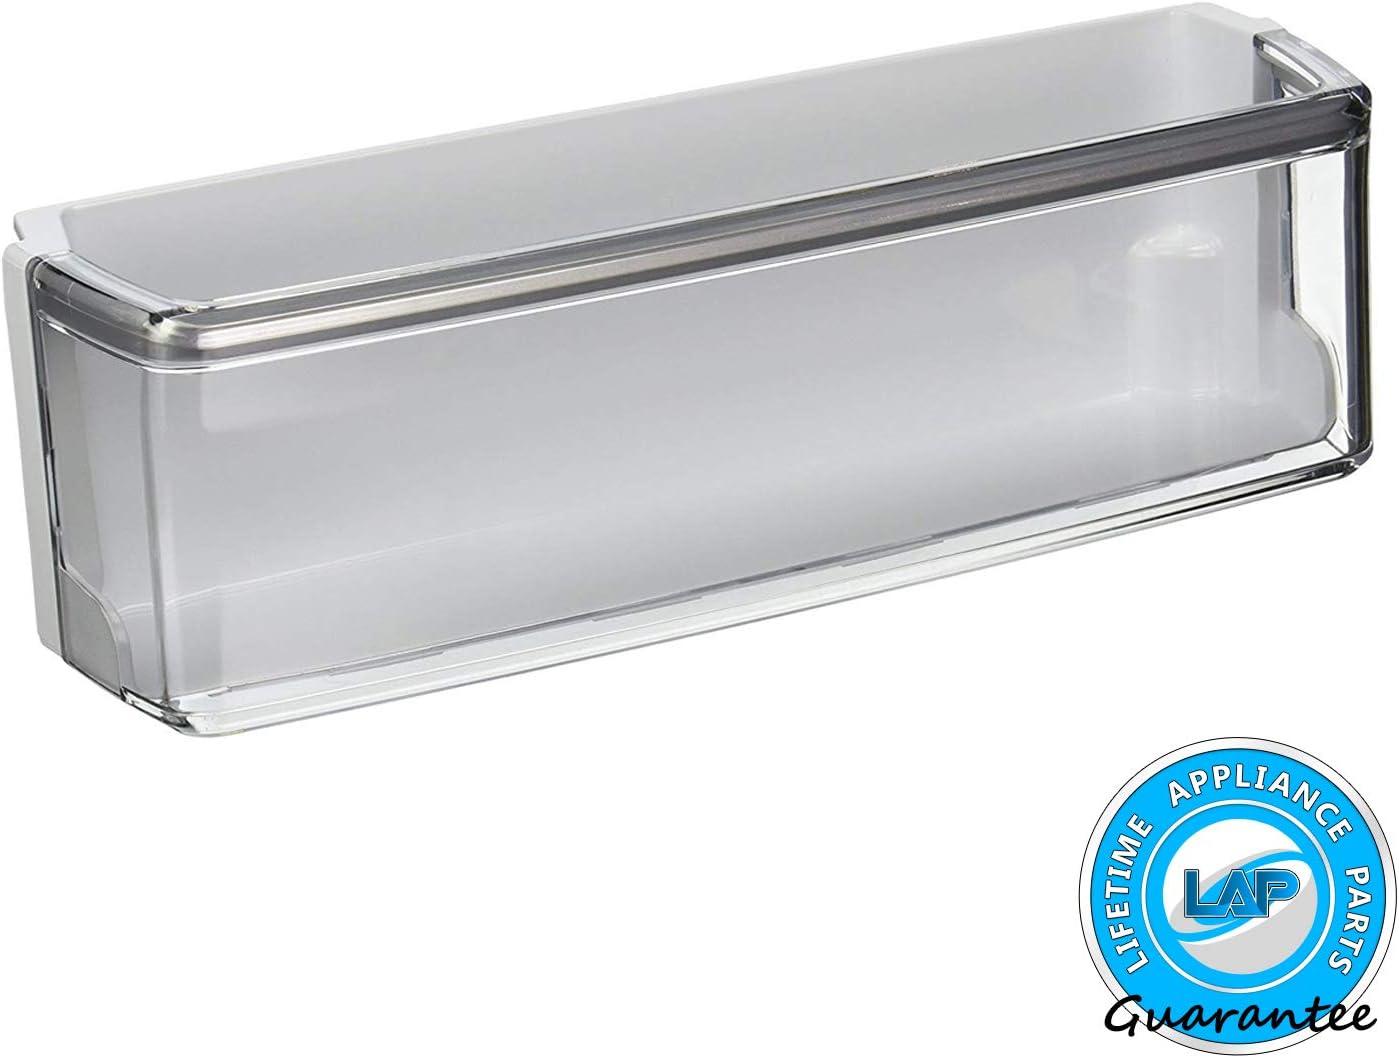 Lifetime Appliance AAP73252302 Door Shelf Bin (Left) for LG, Kenmore Sears Refrigerator